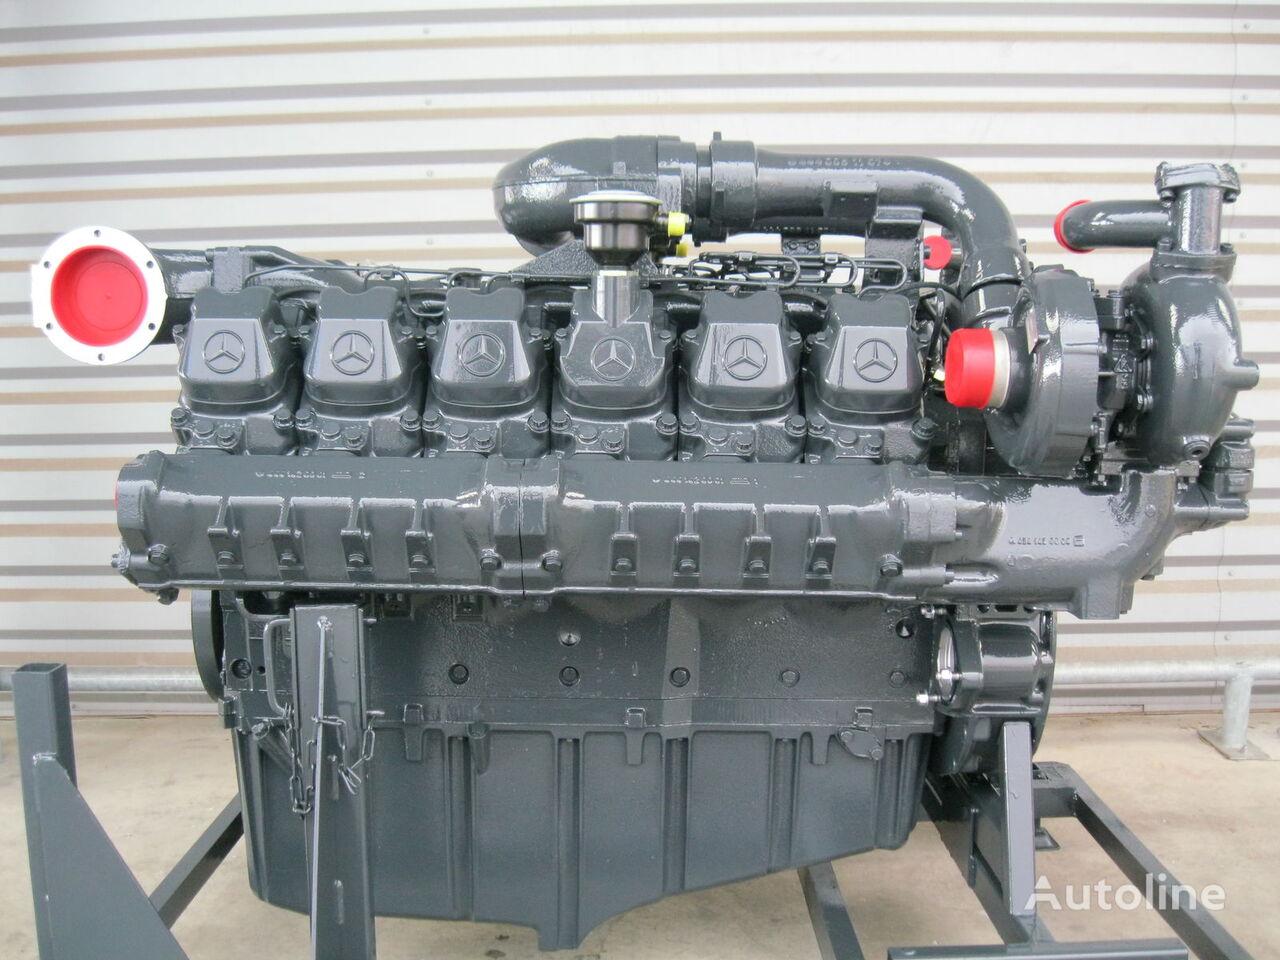 MERCEDES-BENZ OM444LA engine for LIEBHERR mobile crane